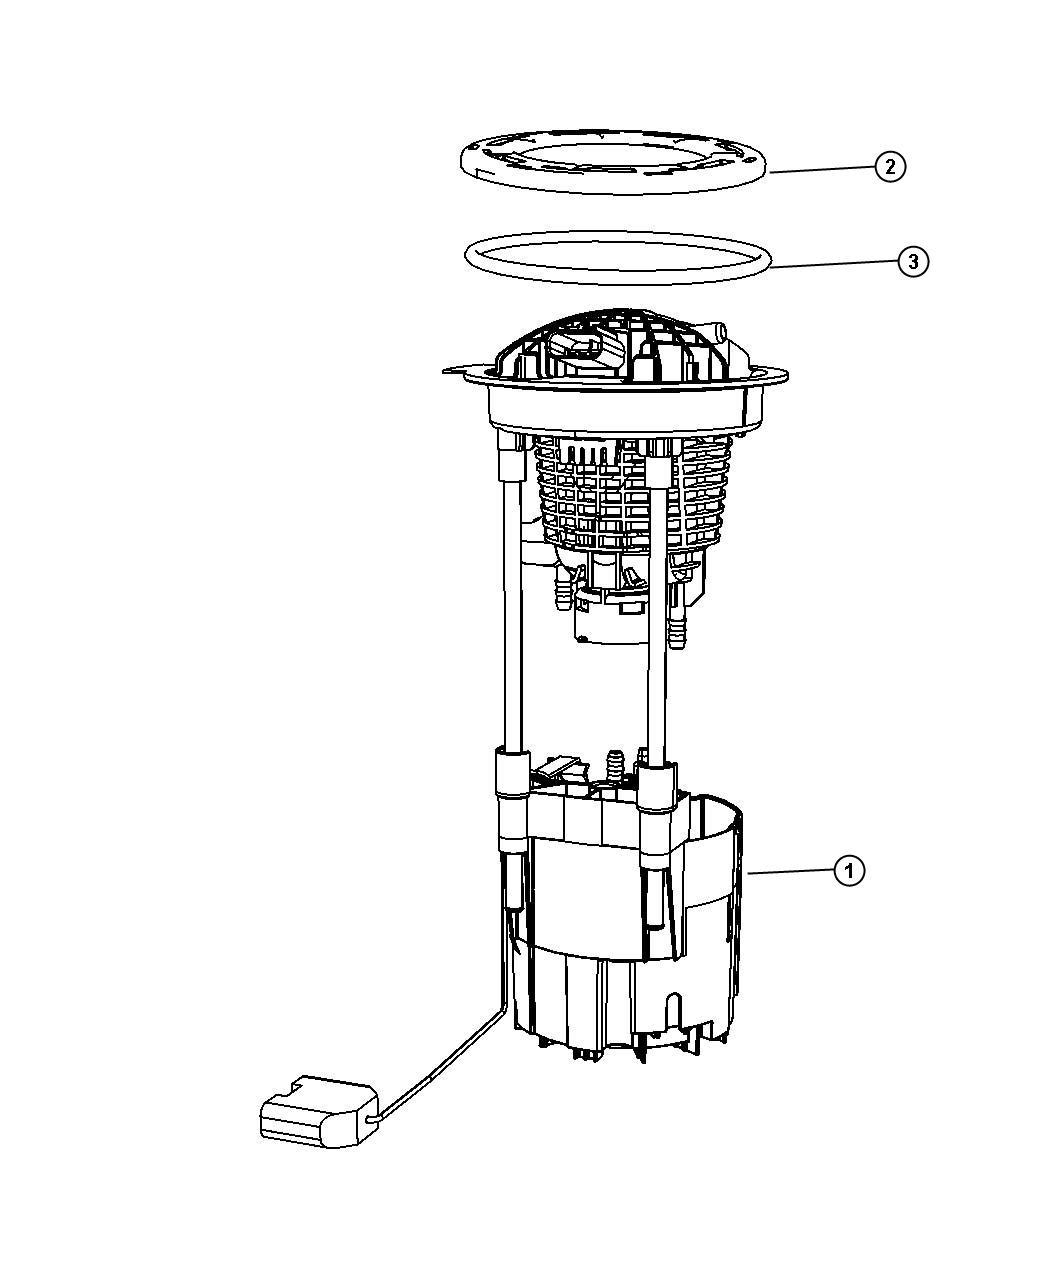 Dodge Ram 1500 Module package. Fuel pump/level unit. [35